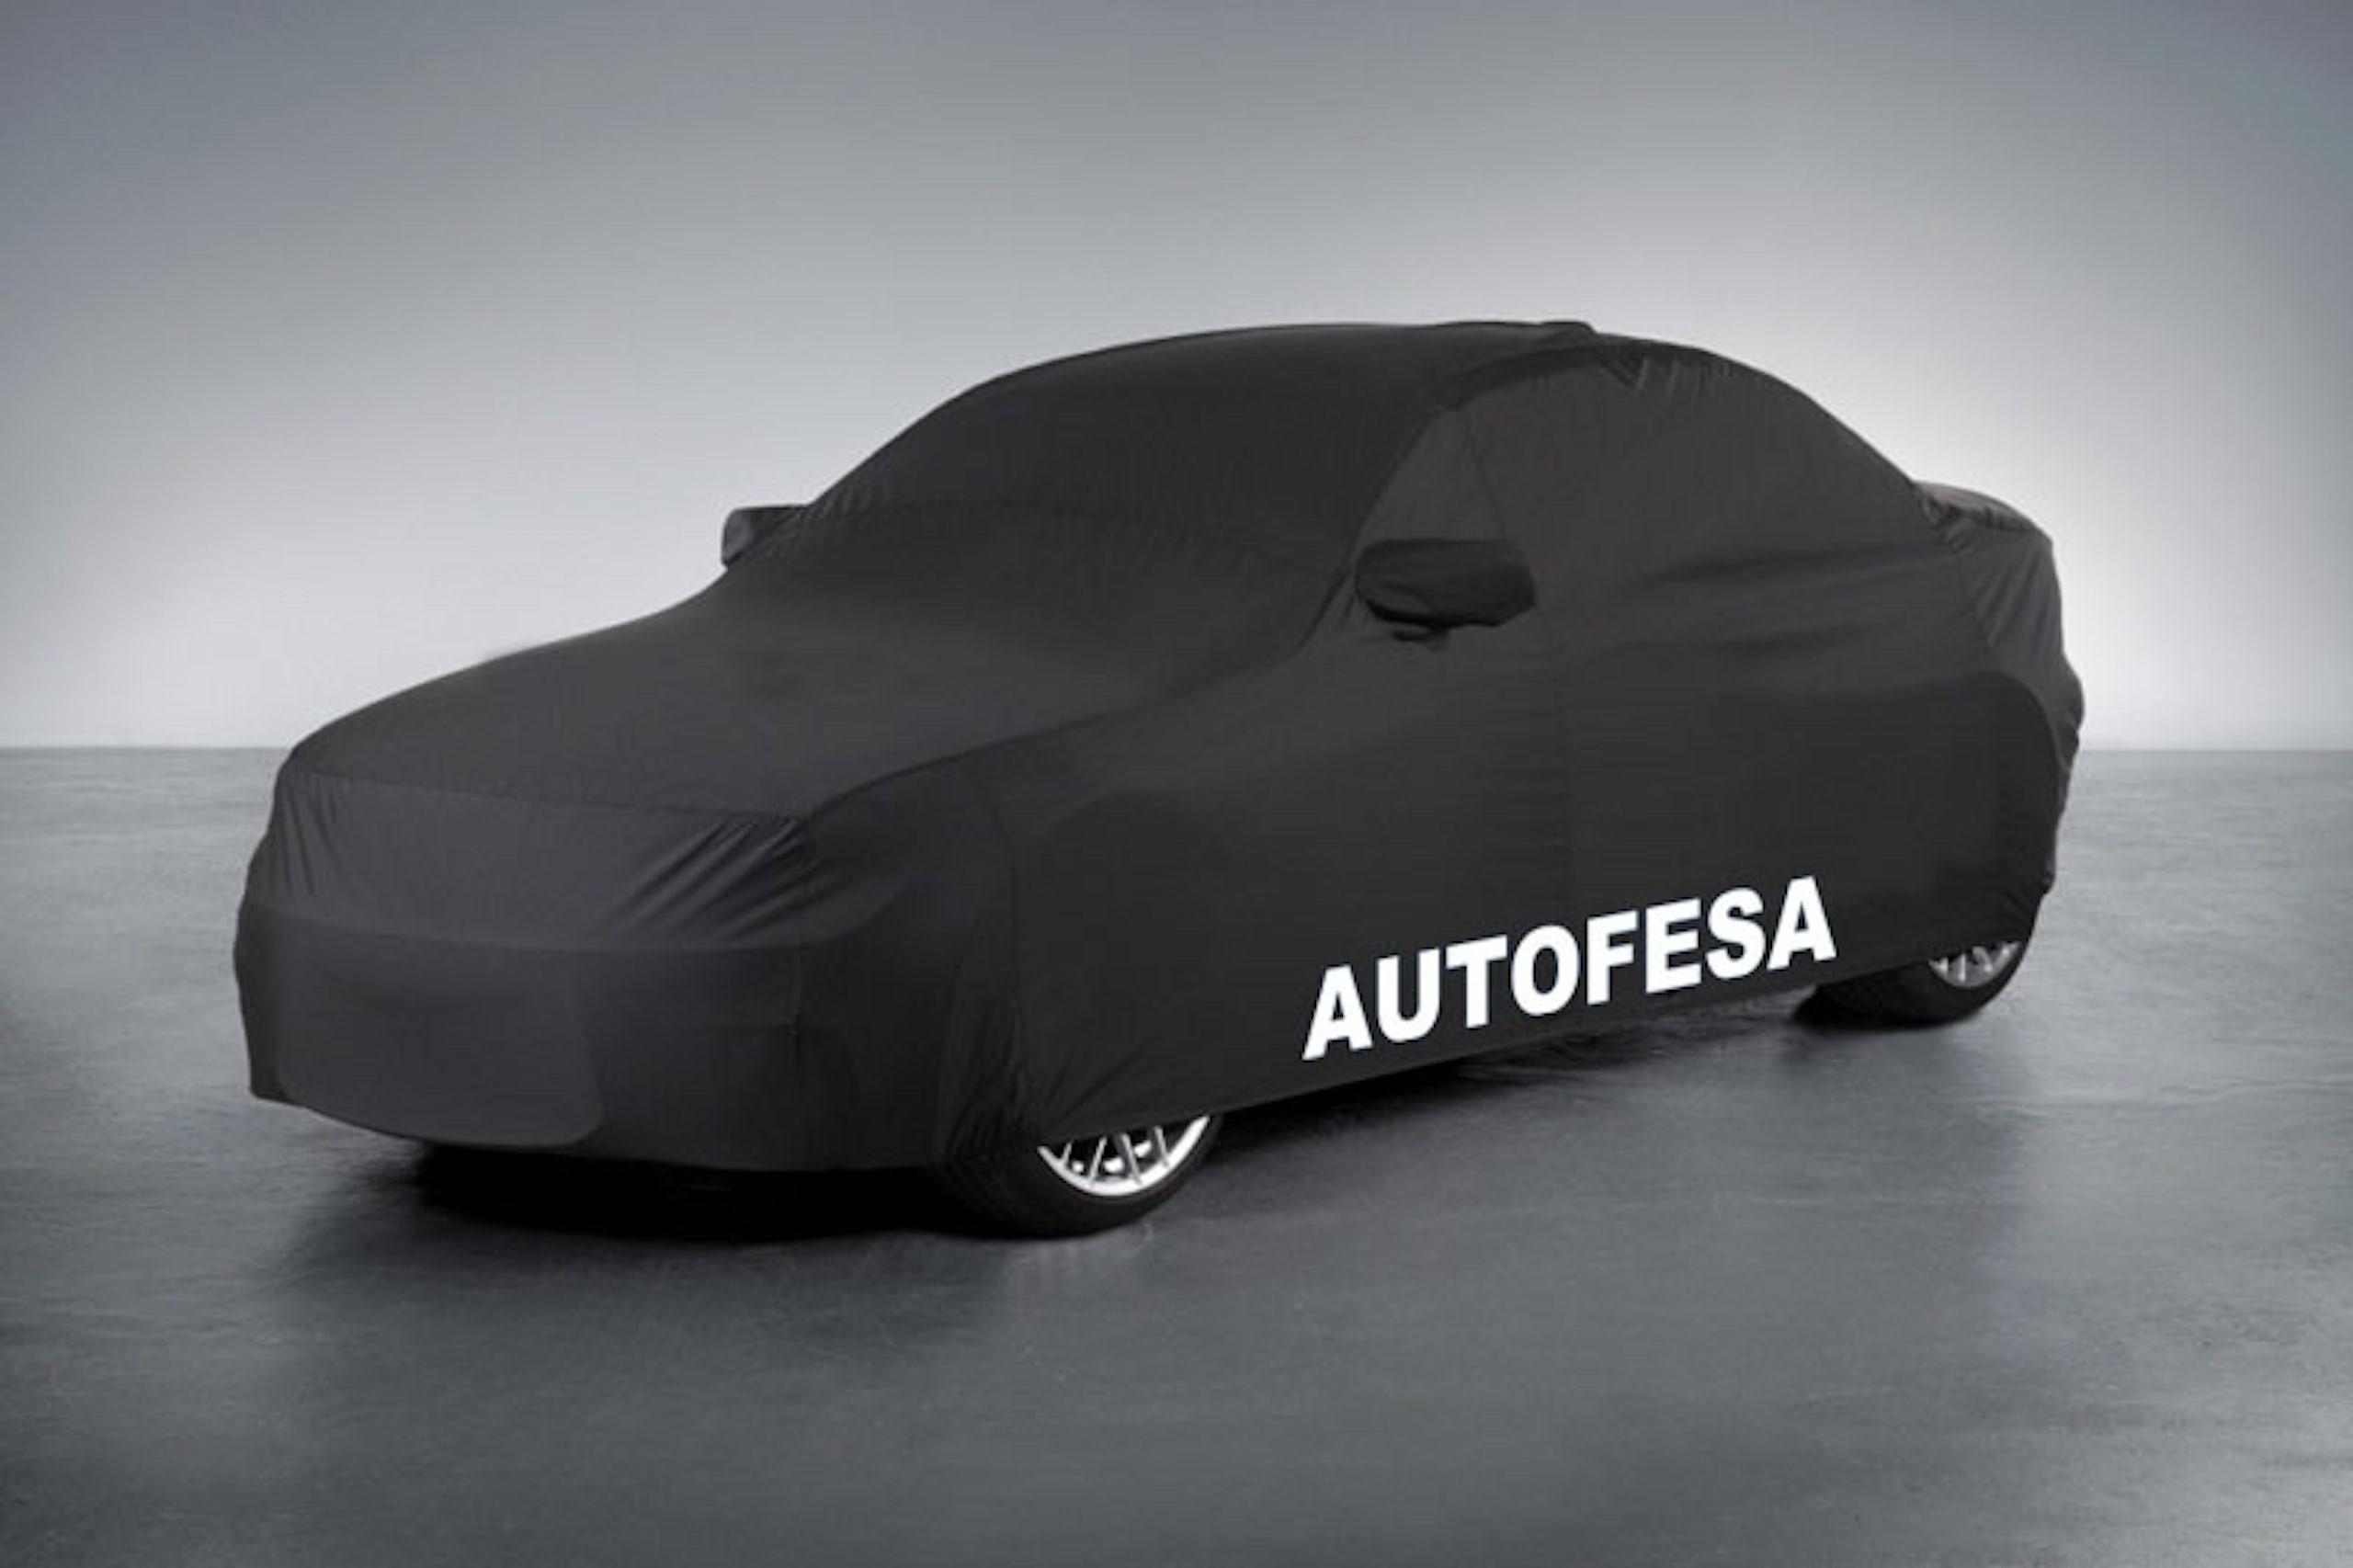 Mercedes-benz GLA 250 2.0 DCT 211cv AMG 4MATIC 7G Auto - Foto 28